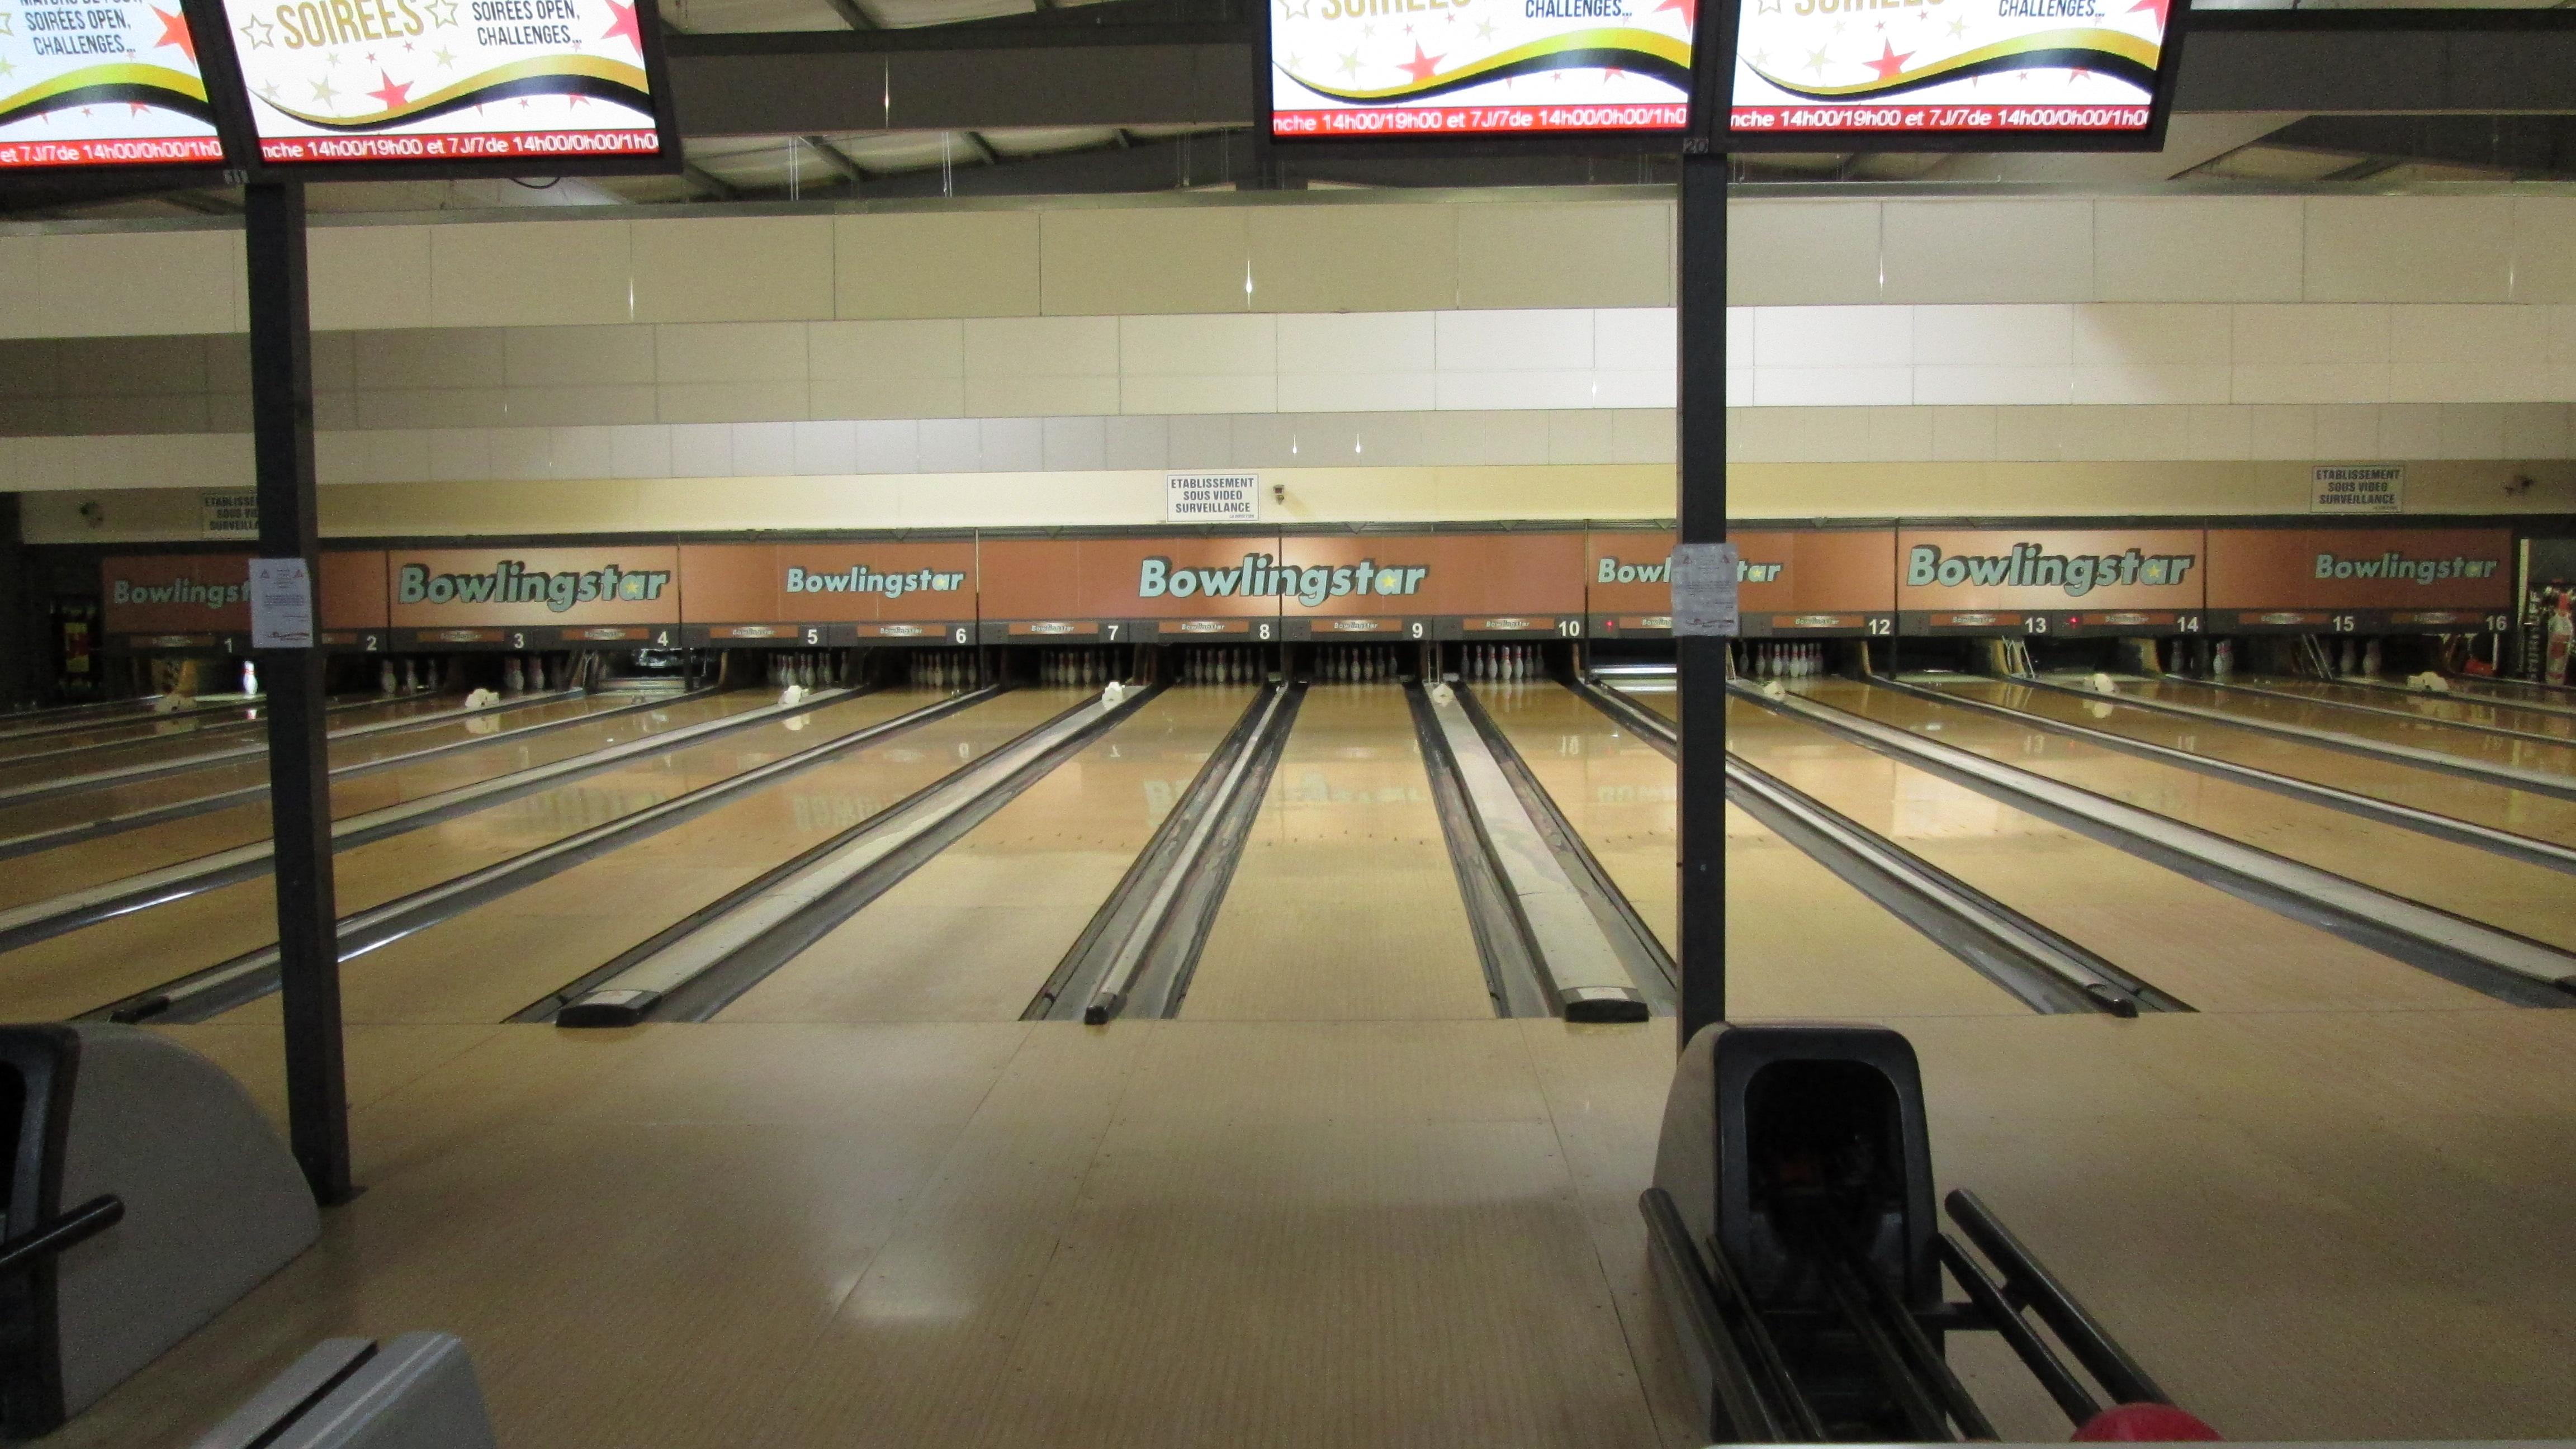 Comment Faire Pour Ouvrir Un Bowling fichier:bowlingstar gujan-mestras (33) — wikipédia